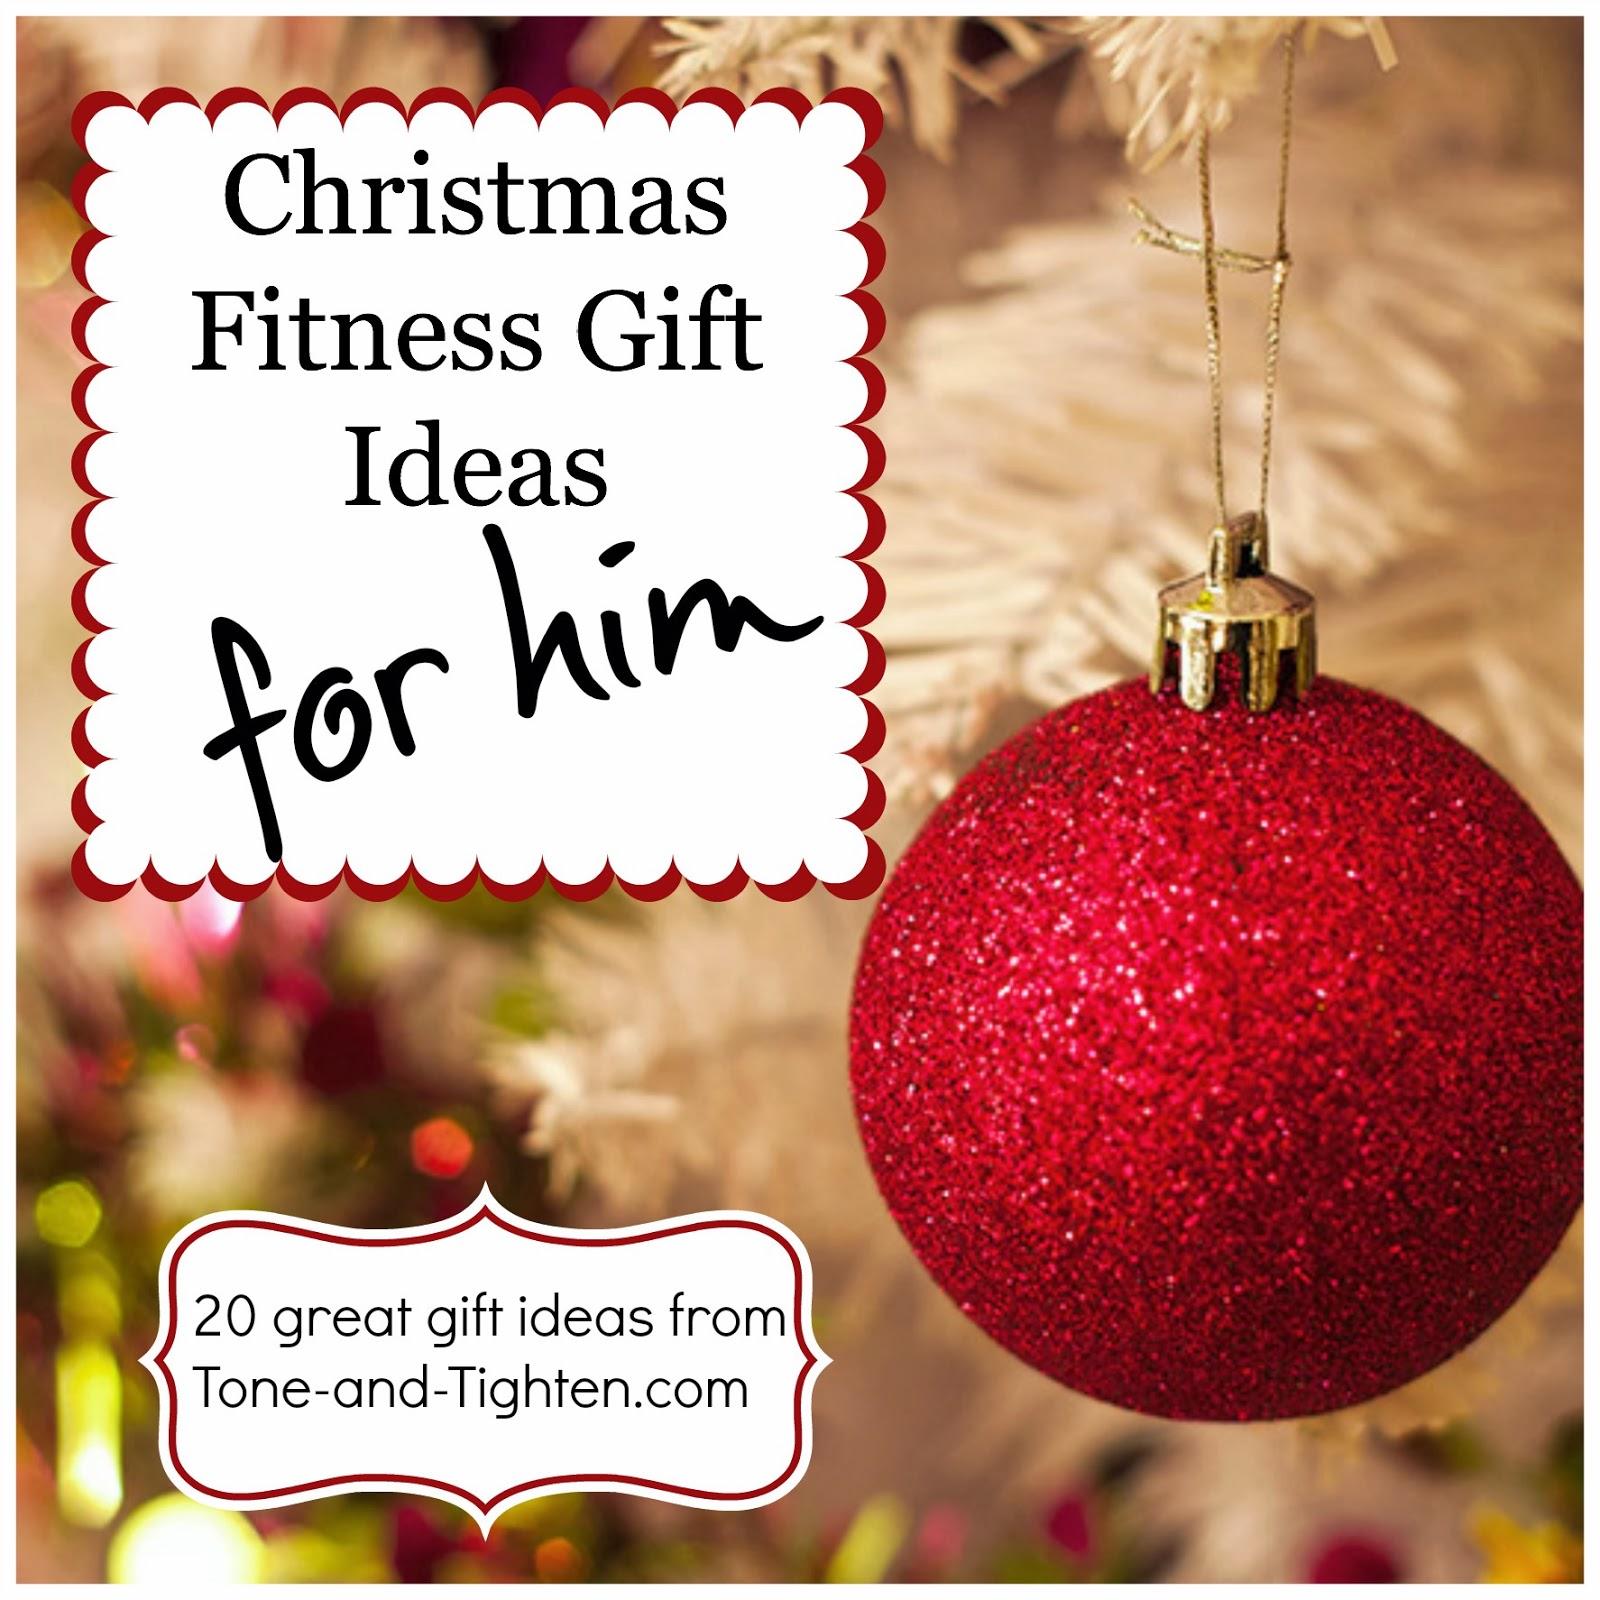 Christmas gift ideas for men fitness gift ideas for men